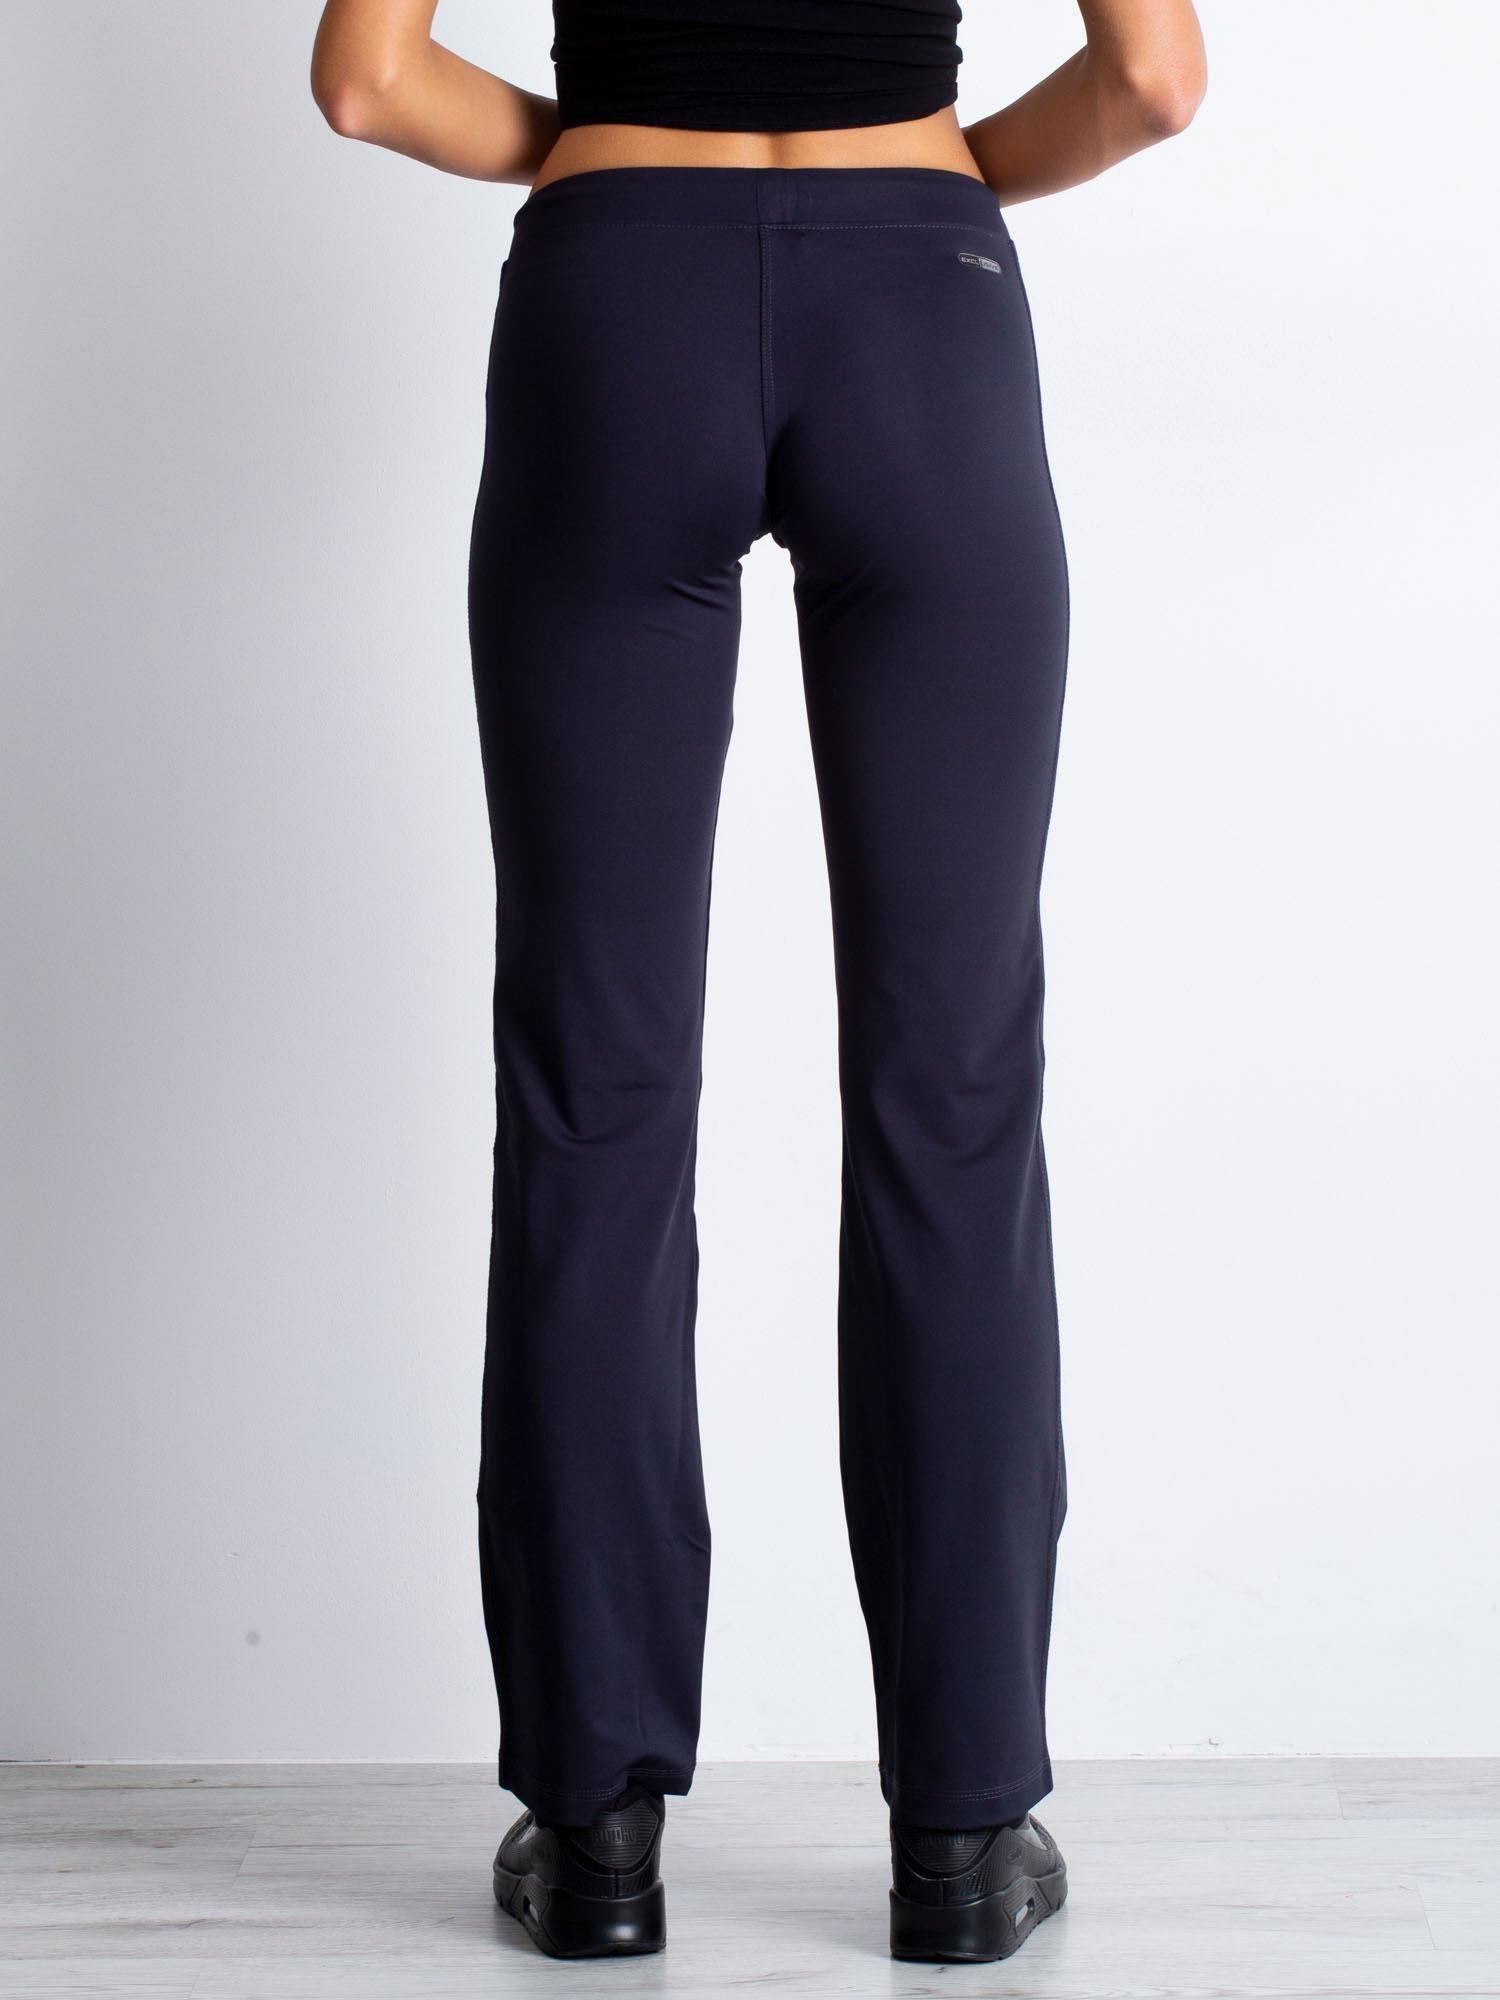 Grafitowe spodnie dresowe z kieszonkami i dżetami                                  zdj.                                  2